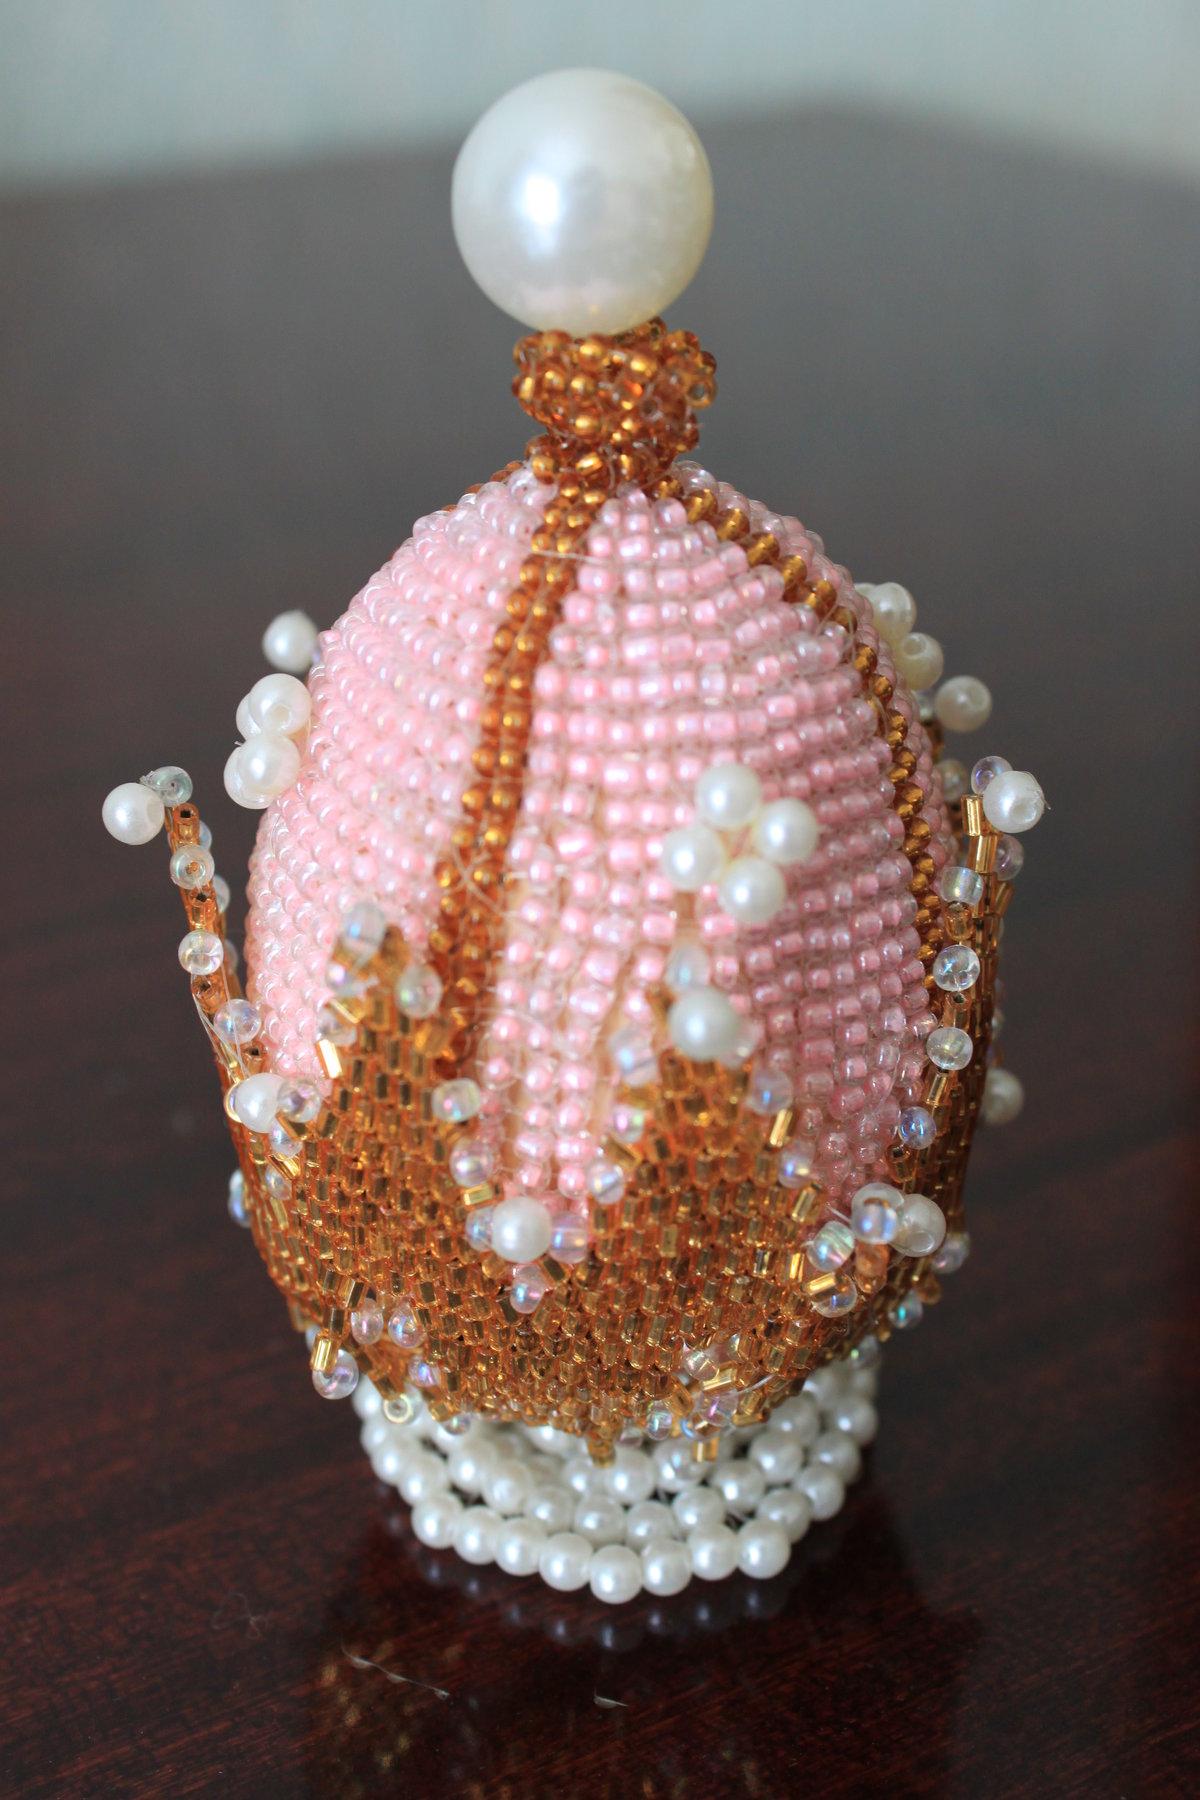 Яйцо фаберже из бисера фото